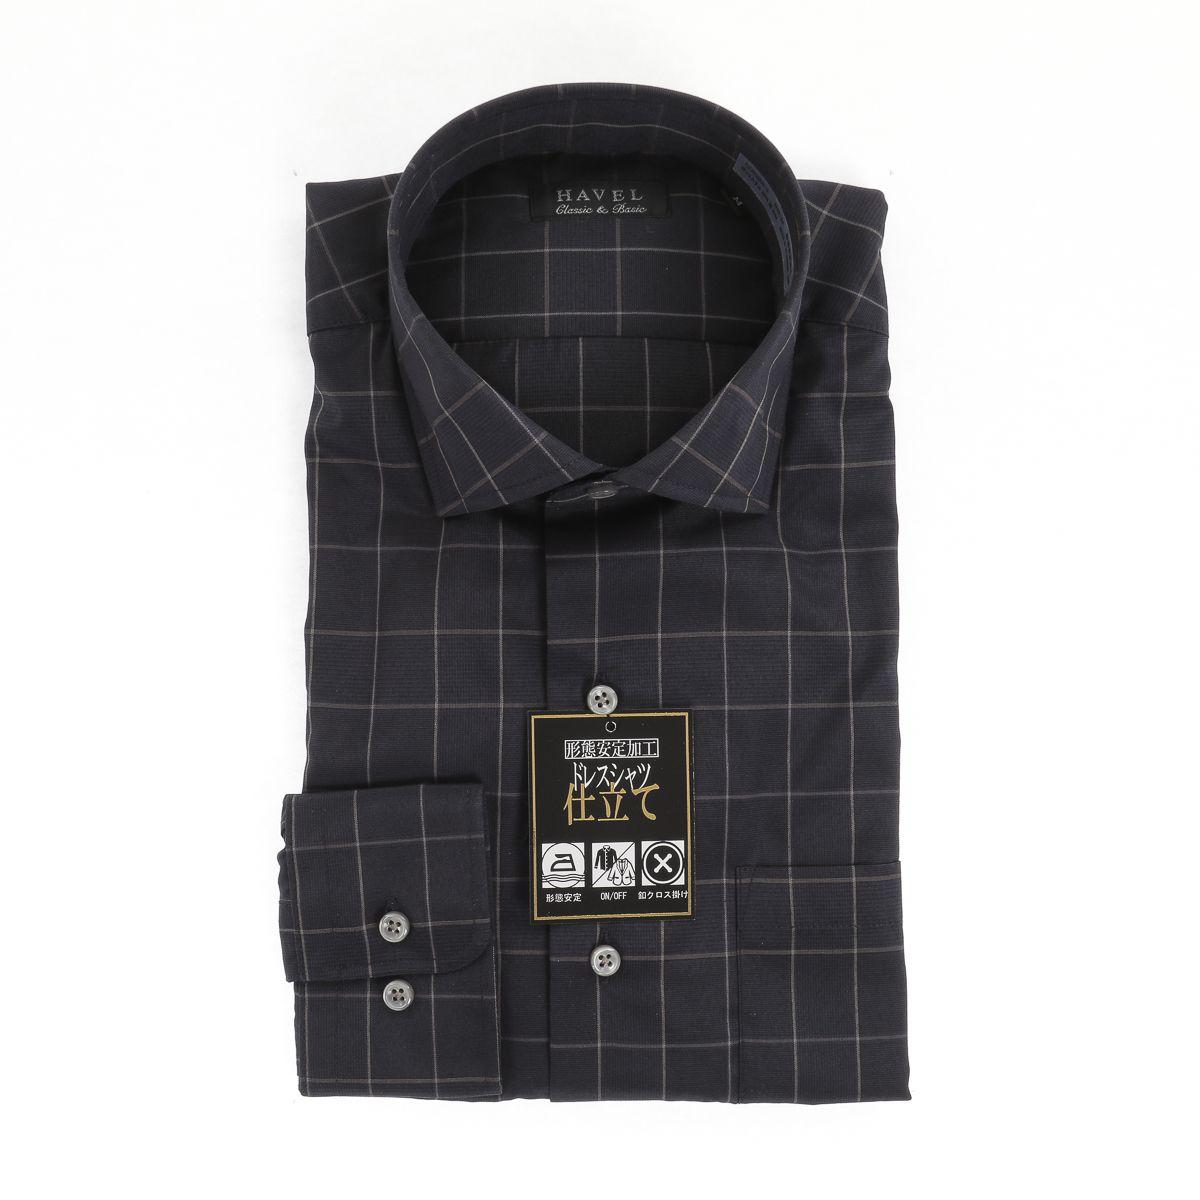 形態安定 ワイド ワイシャツ 長袖 【HAVEL Classic & Basic】